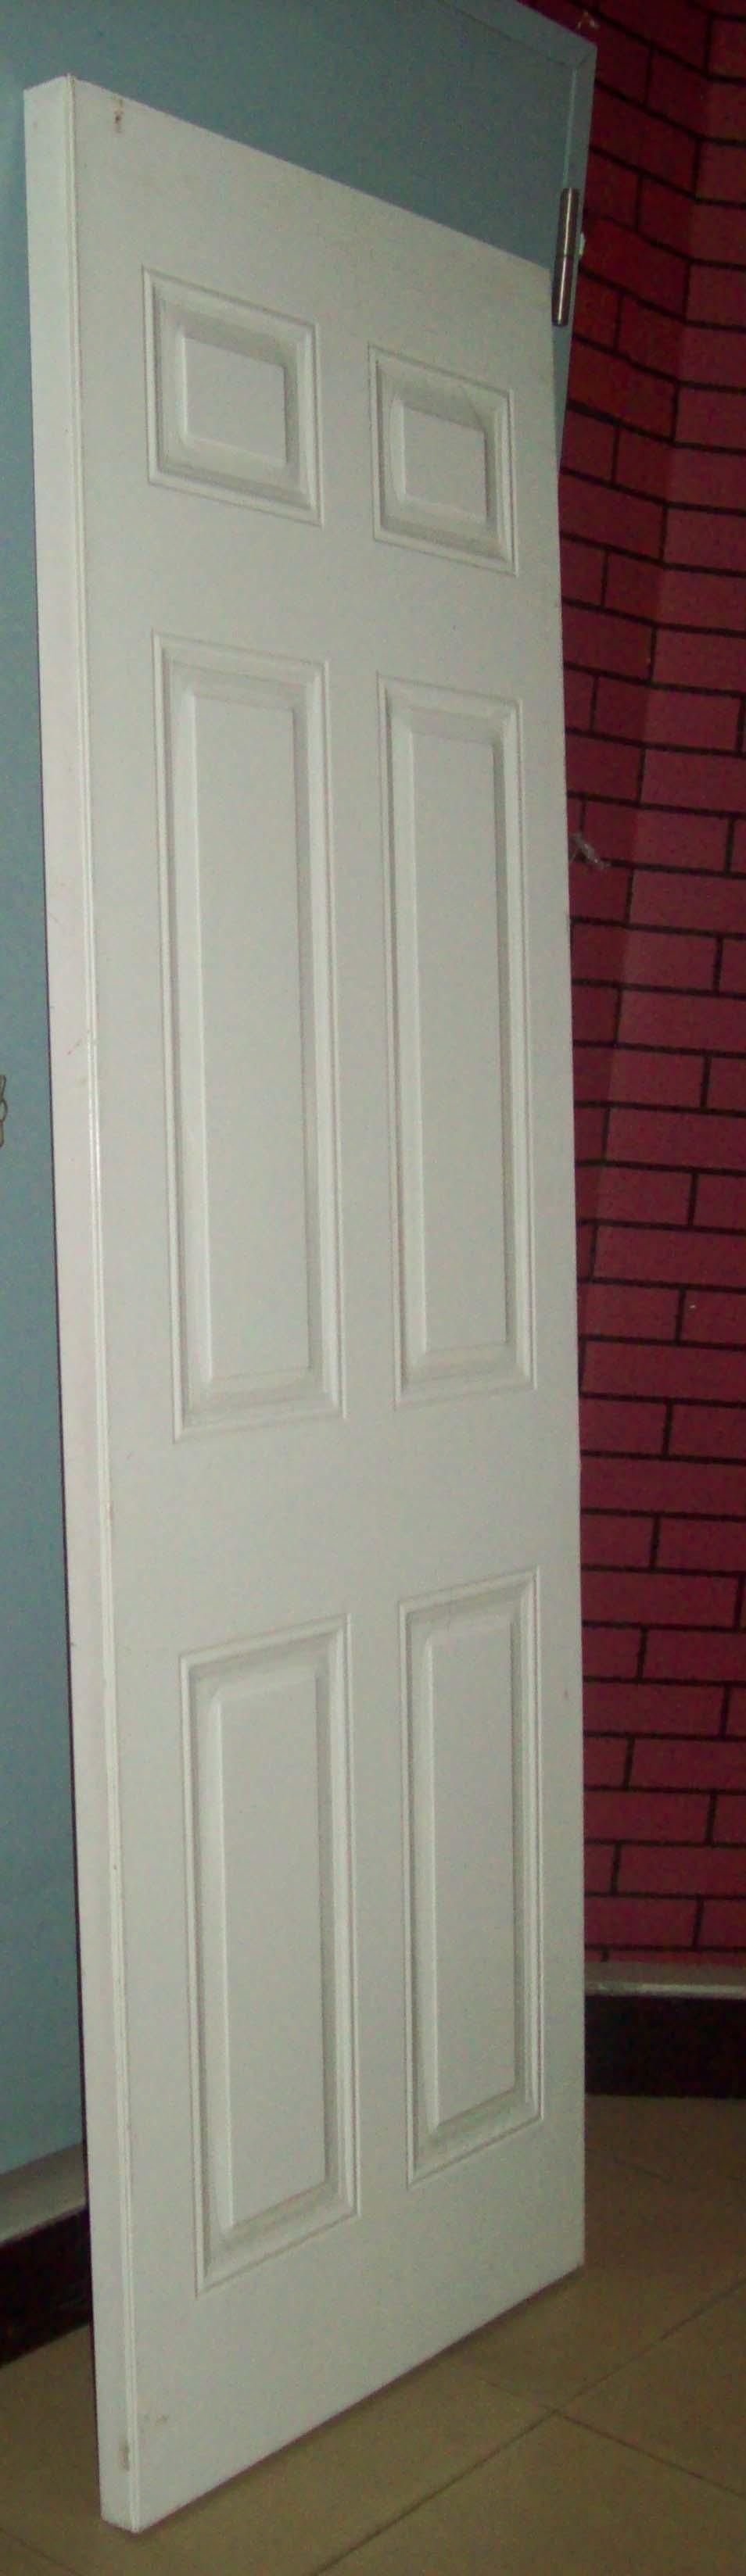 Interior And Exterior Hollow Metal Utility Door Pre Hung Steel Door With Meta